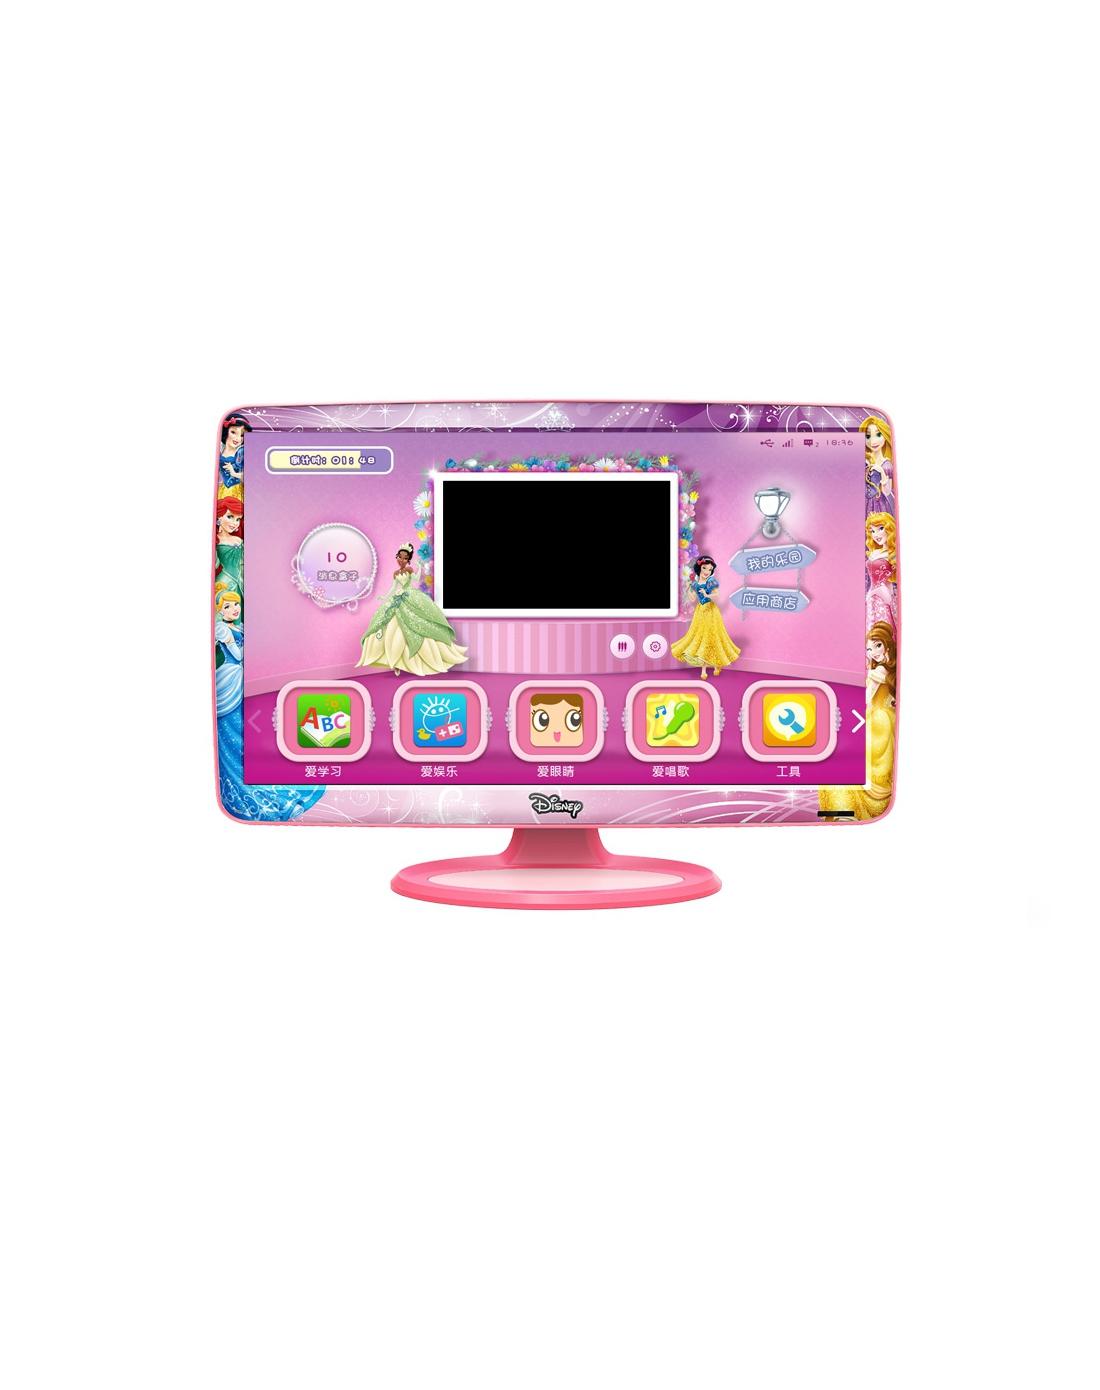 tcl电器28寸迪士尼儿童教育点读护眼电视公主版-p